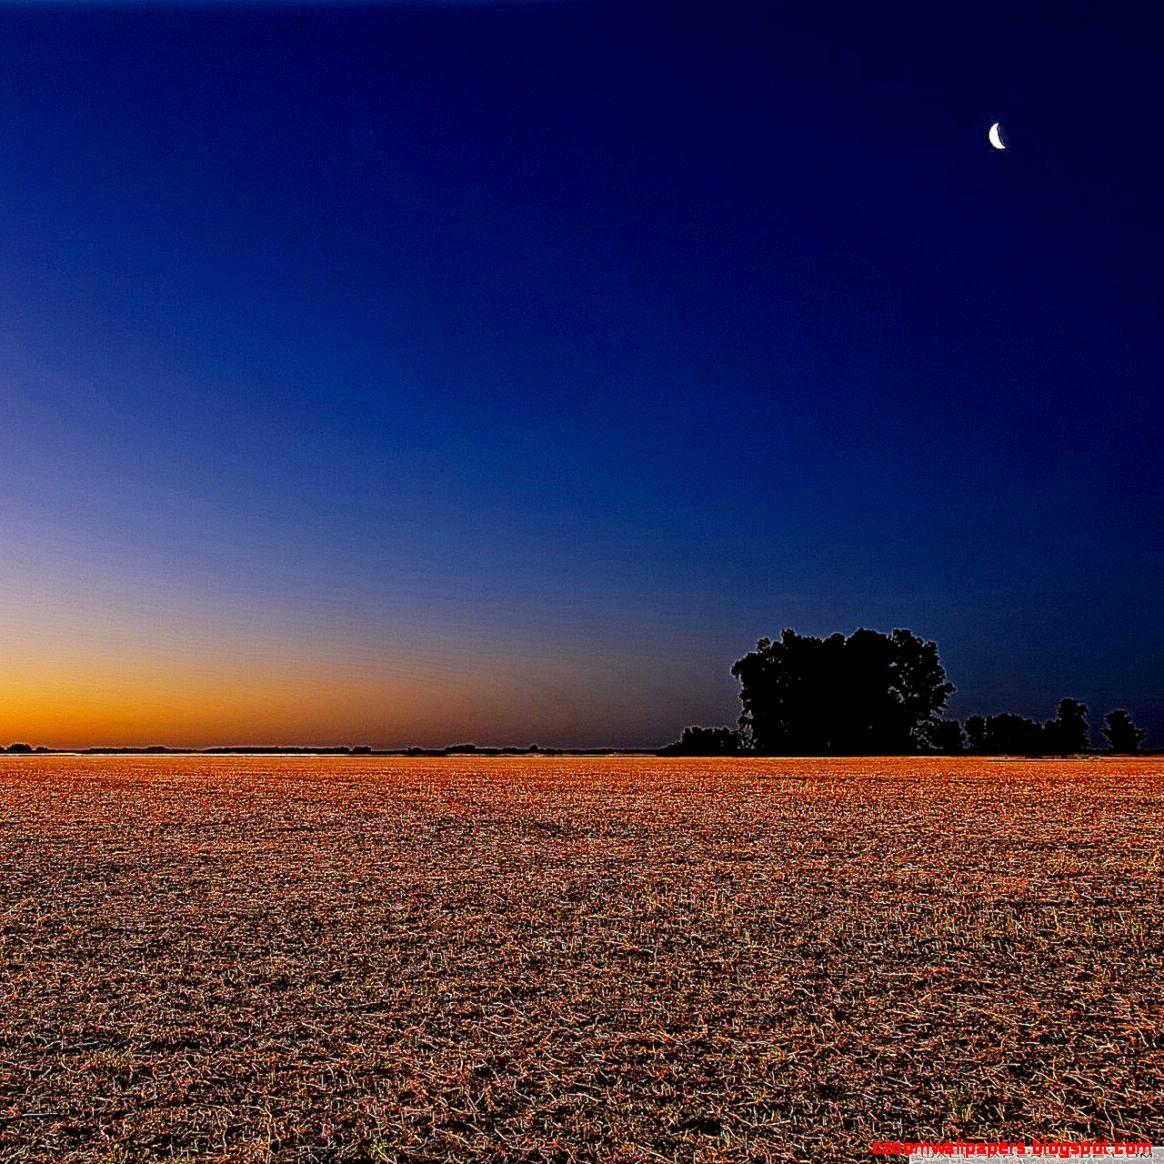 Night Landscape HD desktop wallpaper  Widescreen  High